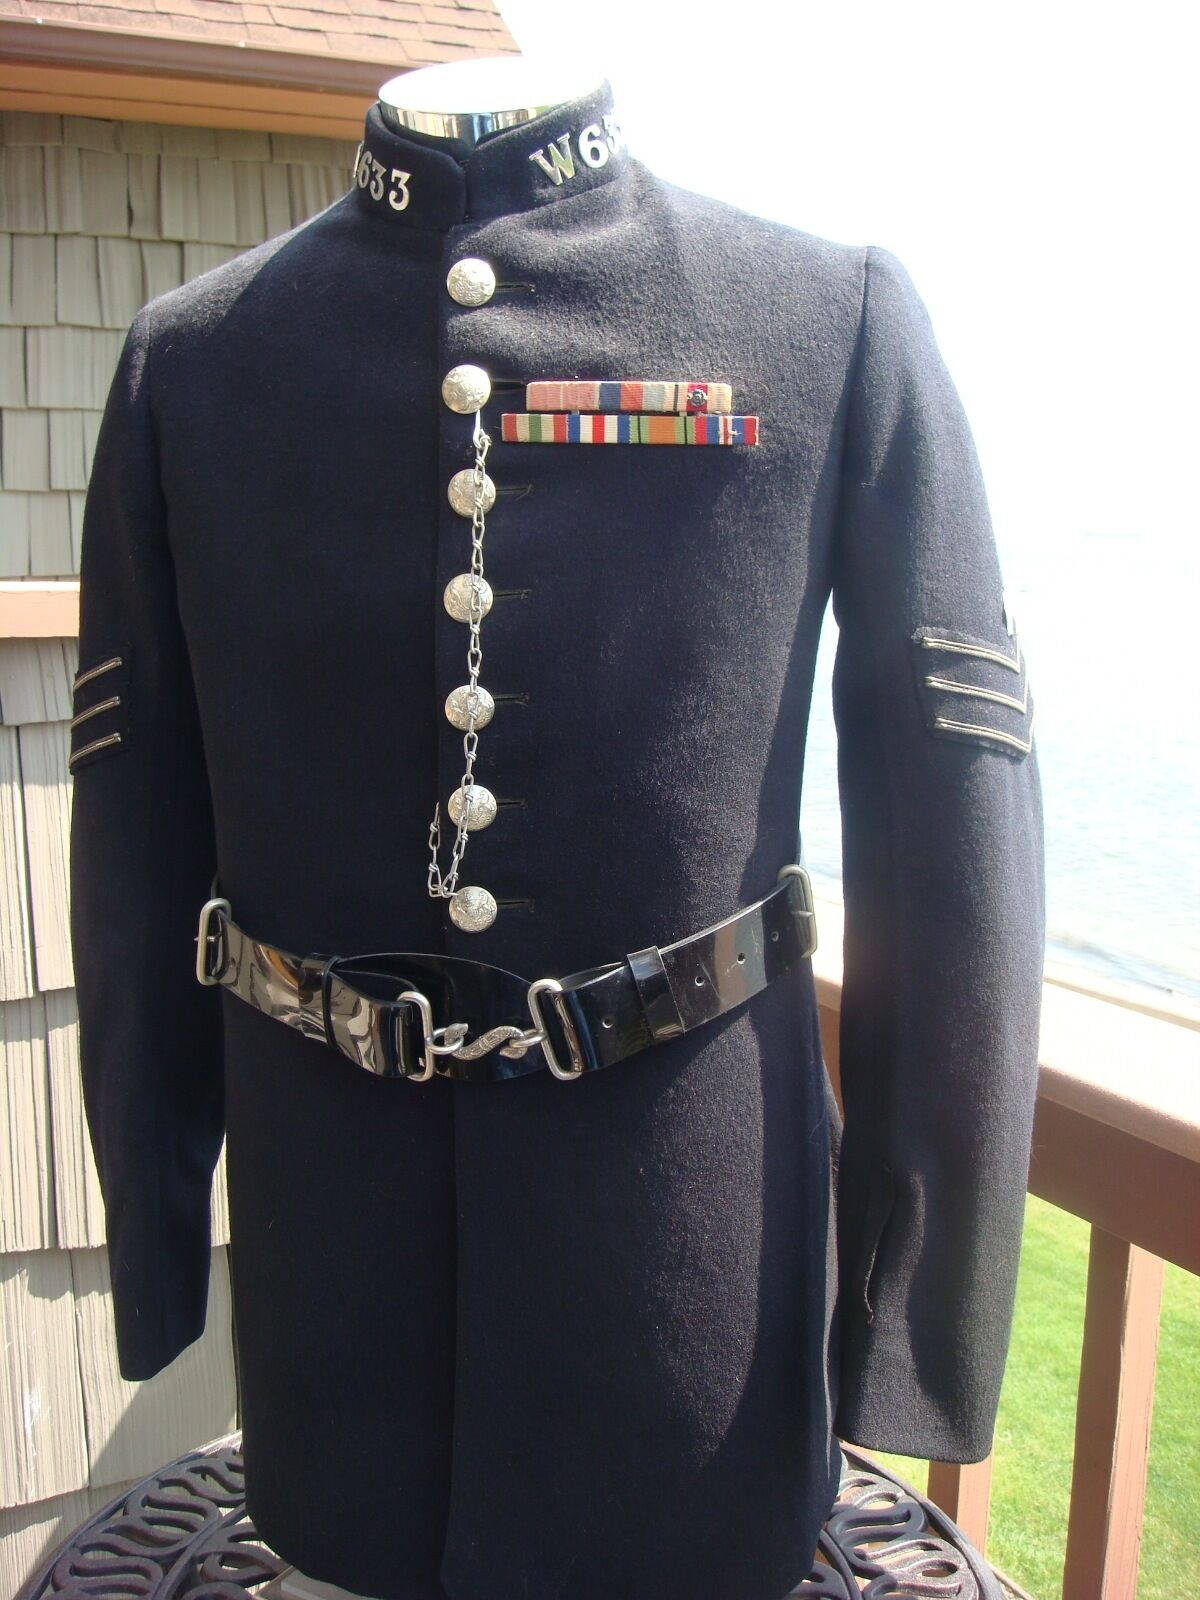 http://www.ebay.com/itm/261488429565